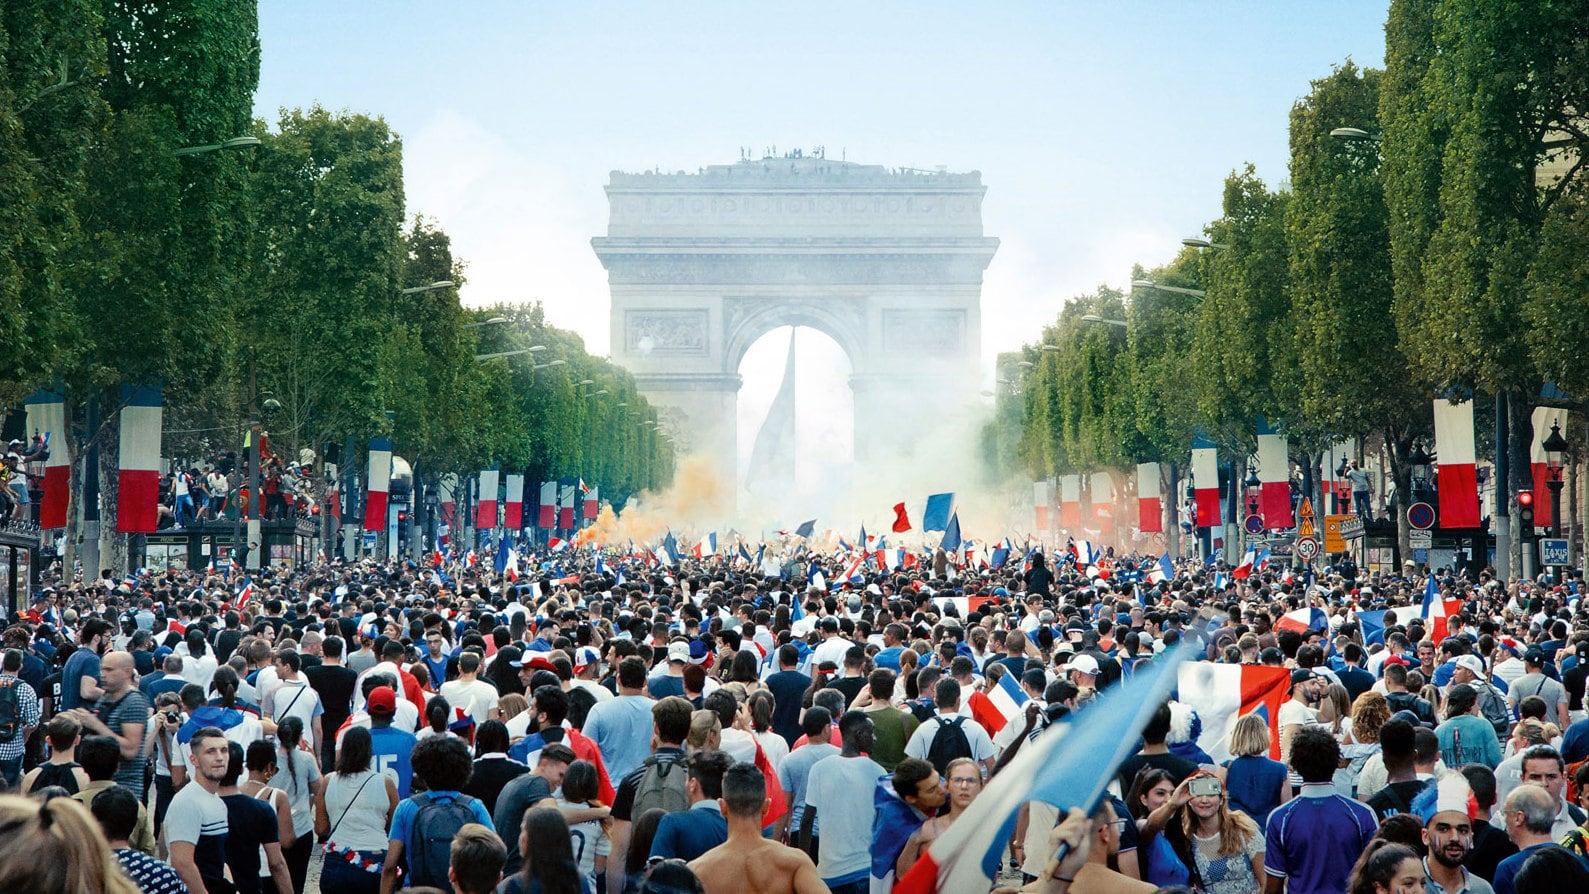 L'Avenue des Champs-Élysées lors de la victoire de la France en Coupe du Monde dans Les misérables